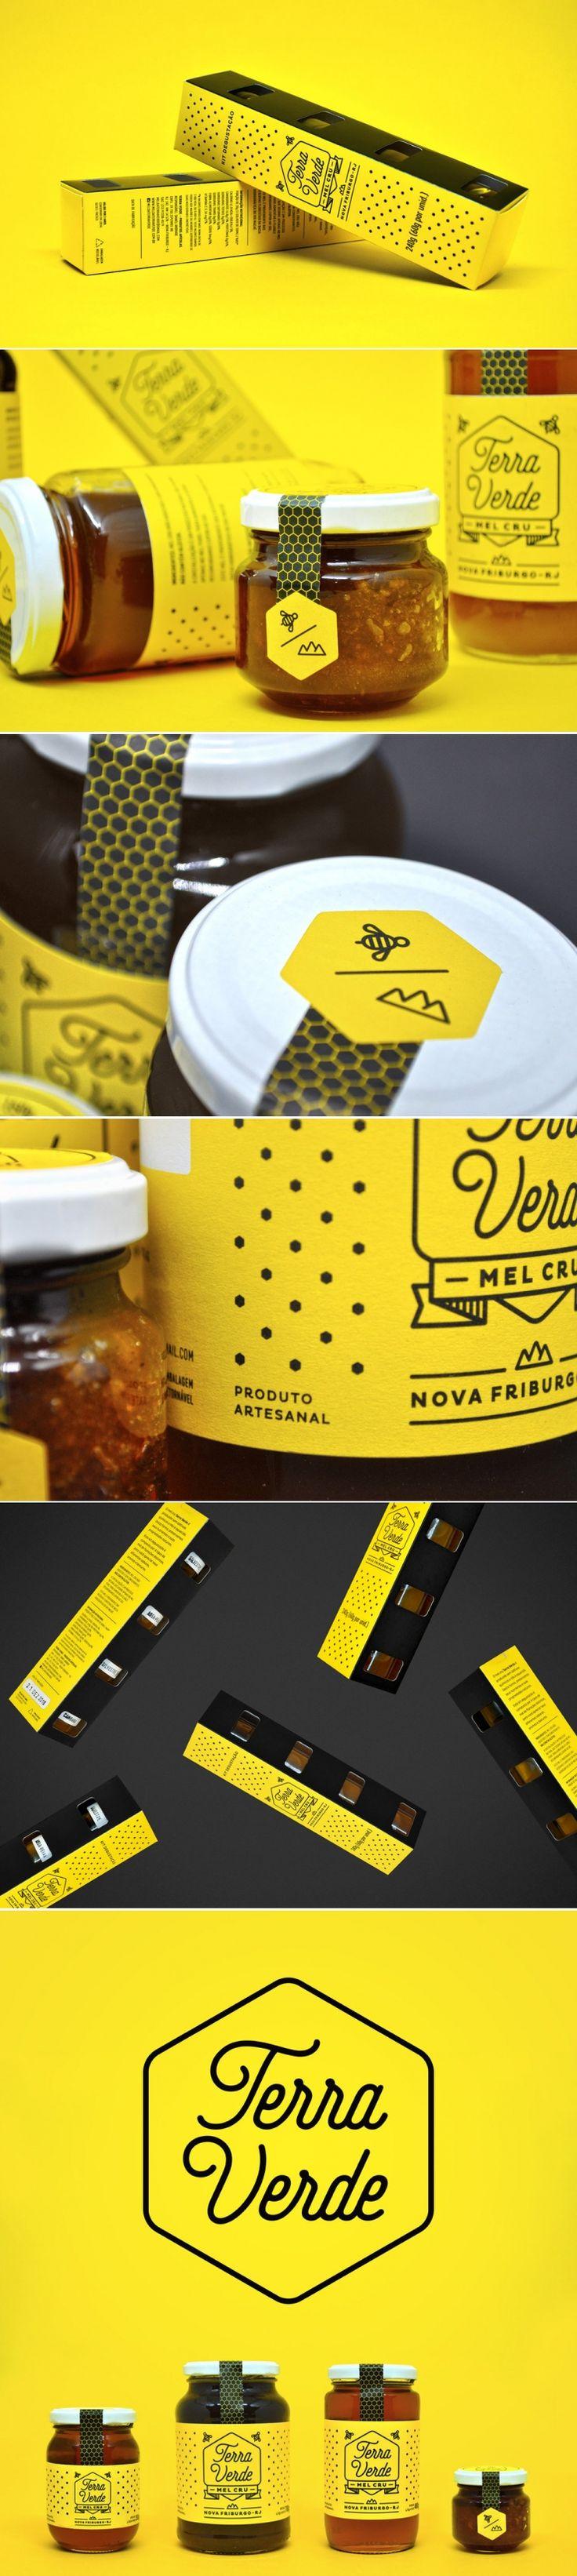 Beautiful Sustainable Honey Packaging — The Dieline - Branding & Packaging Design